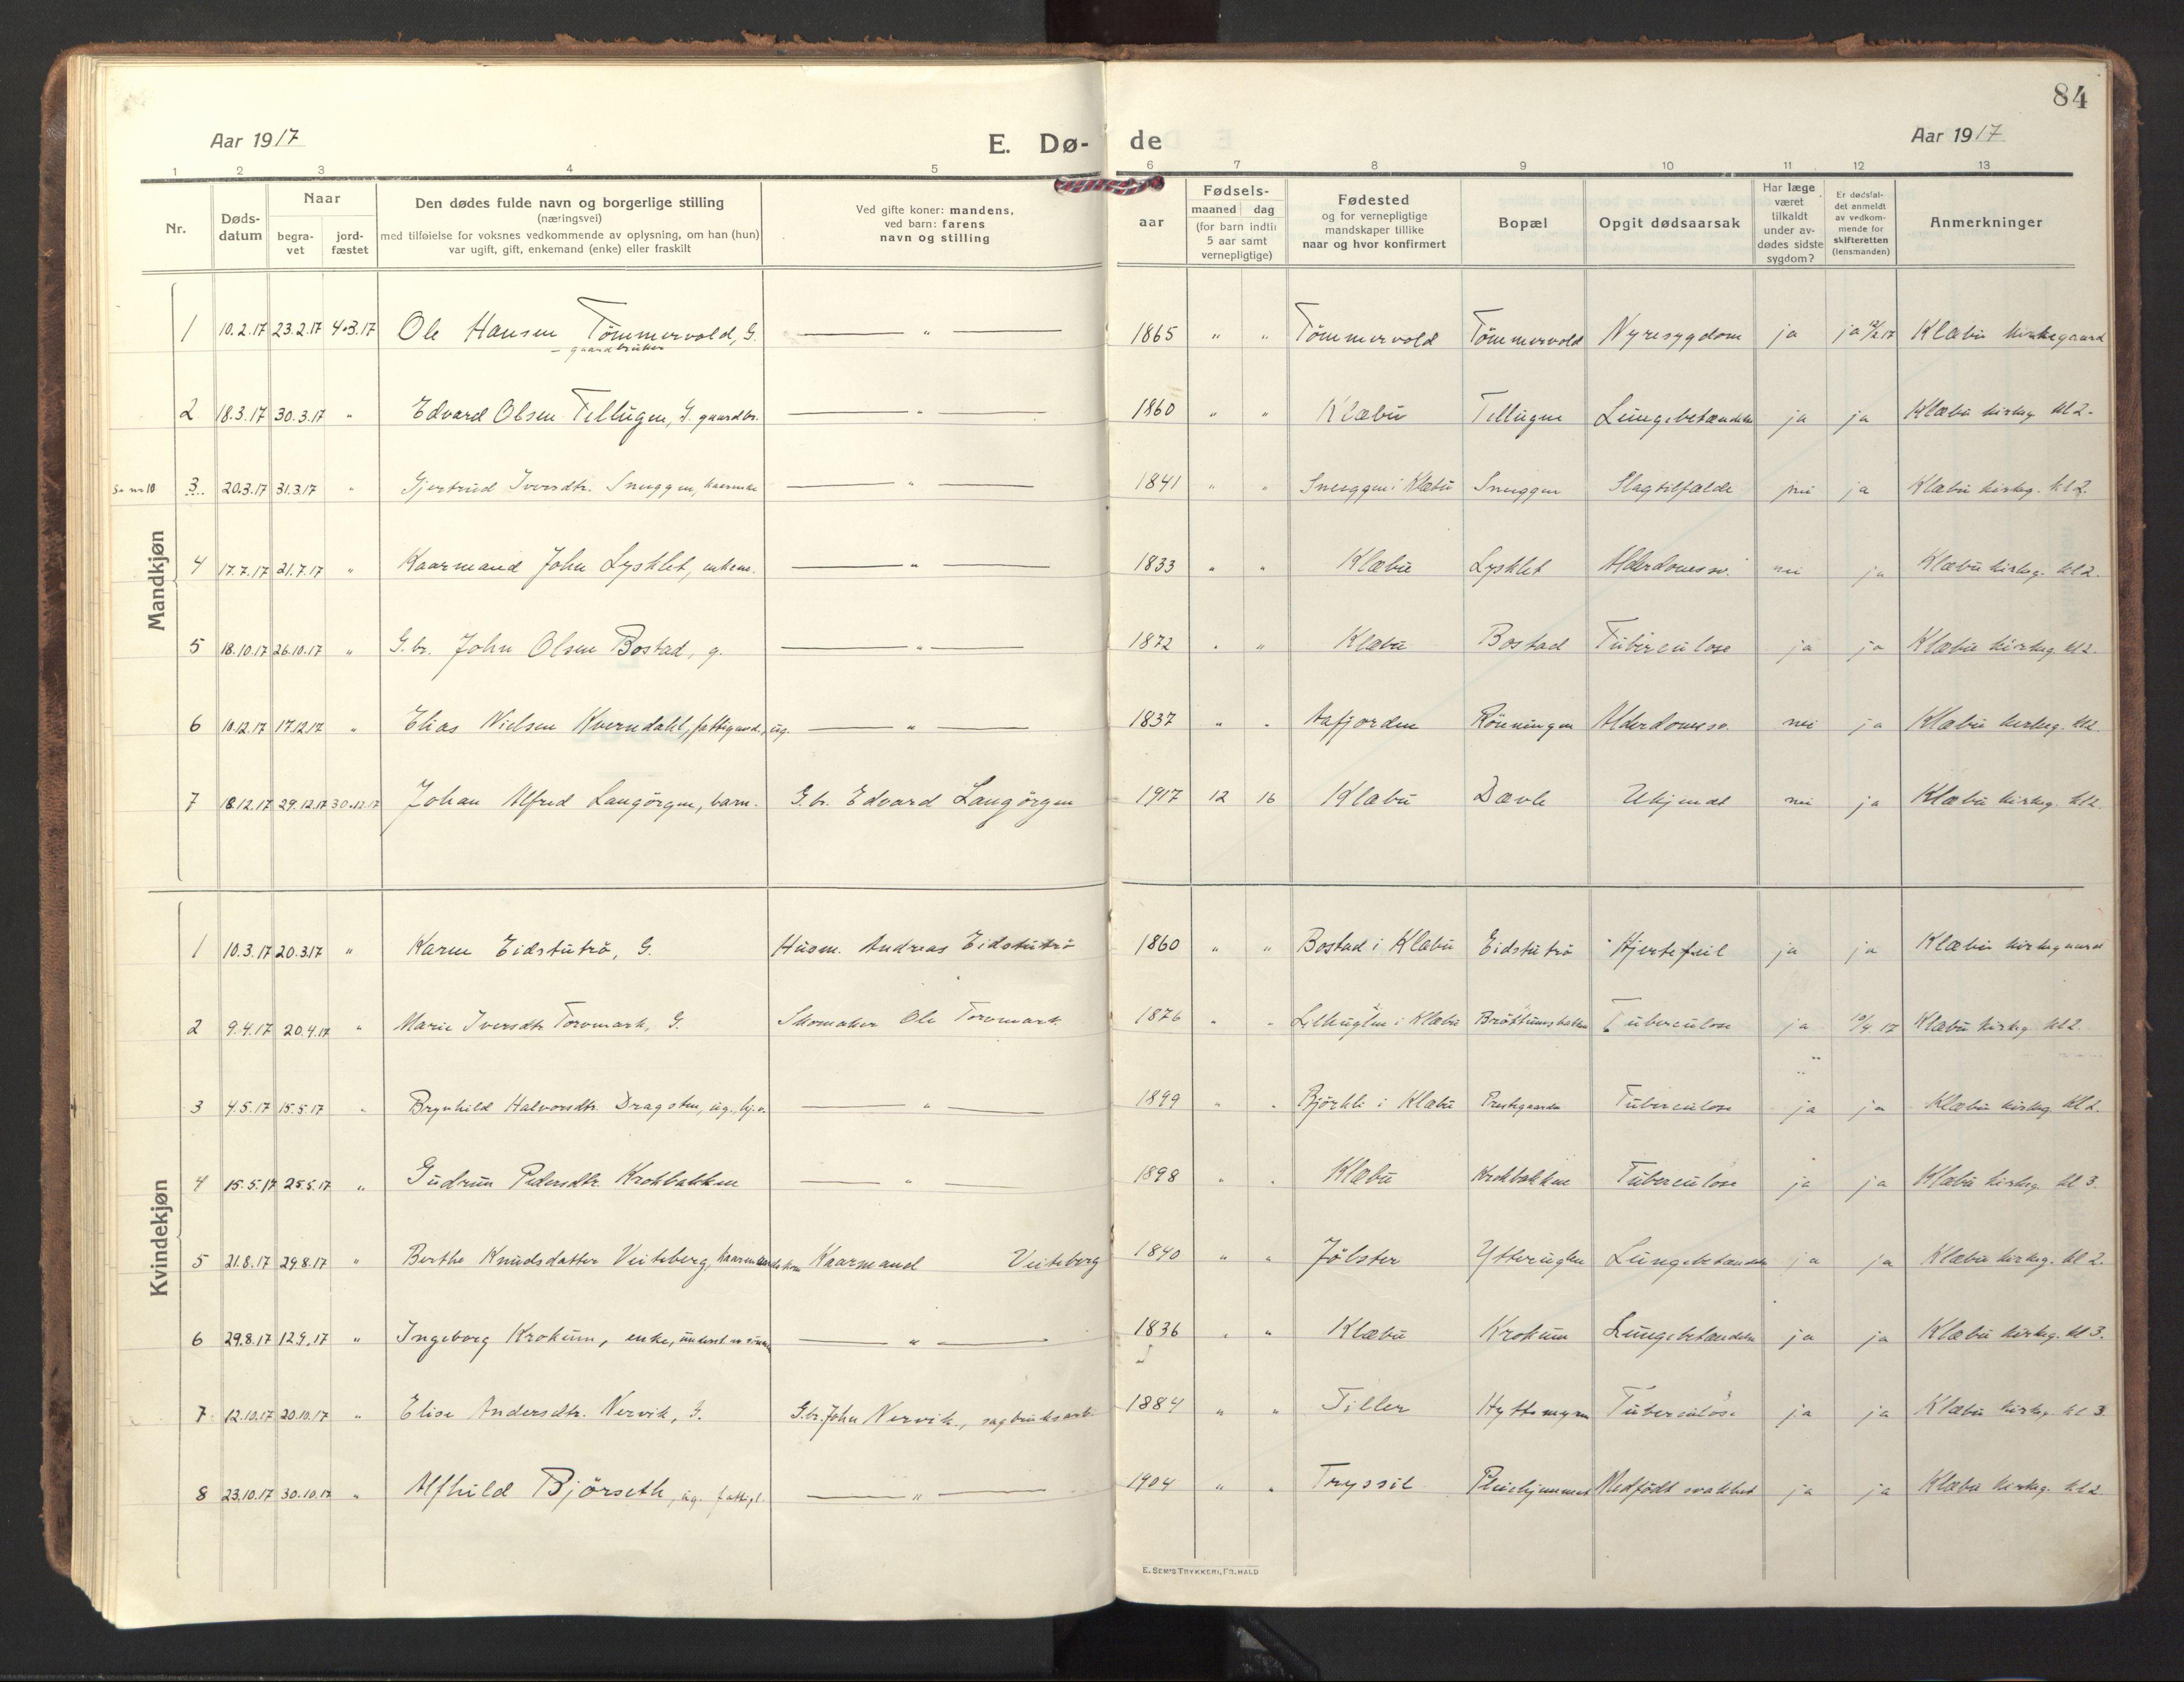 SAT, Ministerialprotokoller, klokkerbøker og fødselsregistre - Sør-Trøndelag, 618/L0449: Ministerialbok nr. 618A12, 1917-1924, s. 84